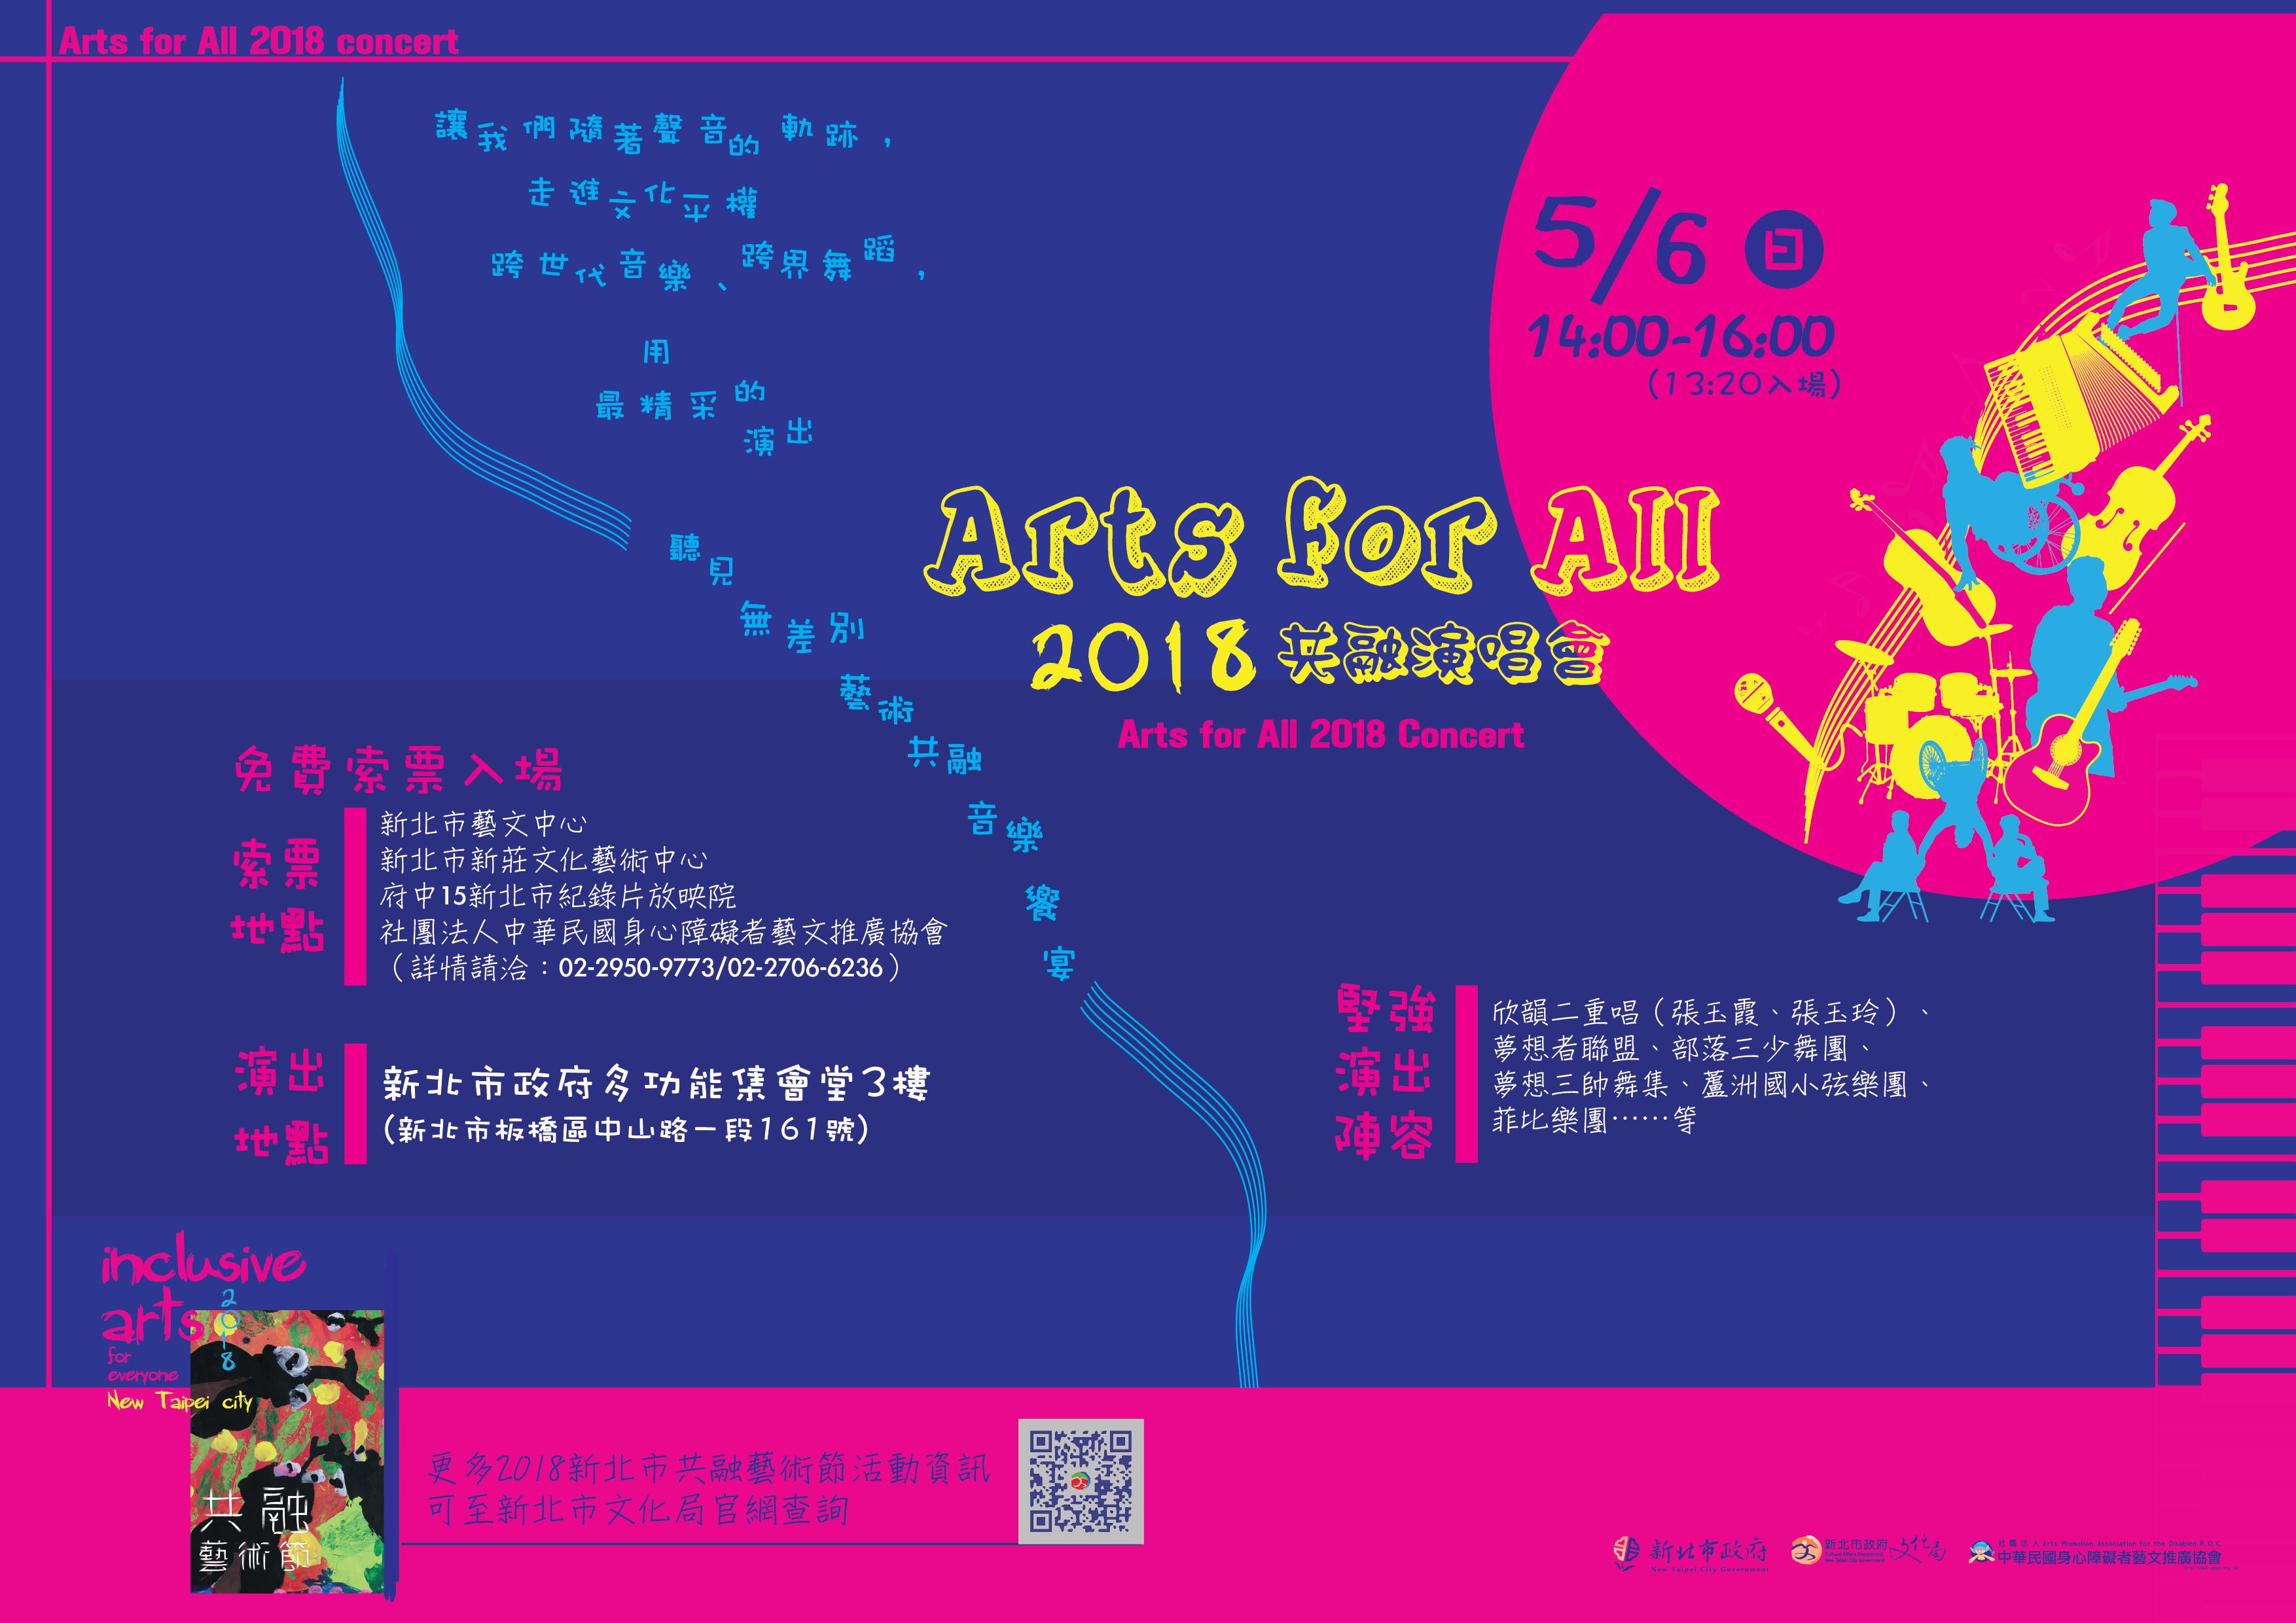 Arts for All:2018共融演唱會  4/25 開放索票